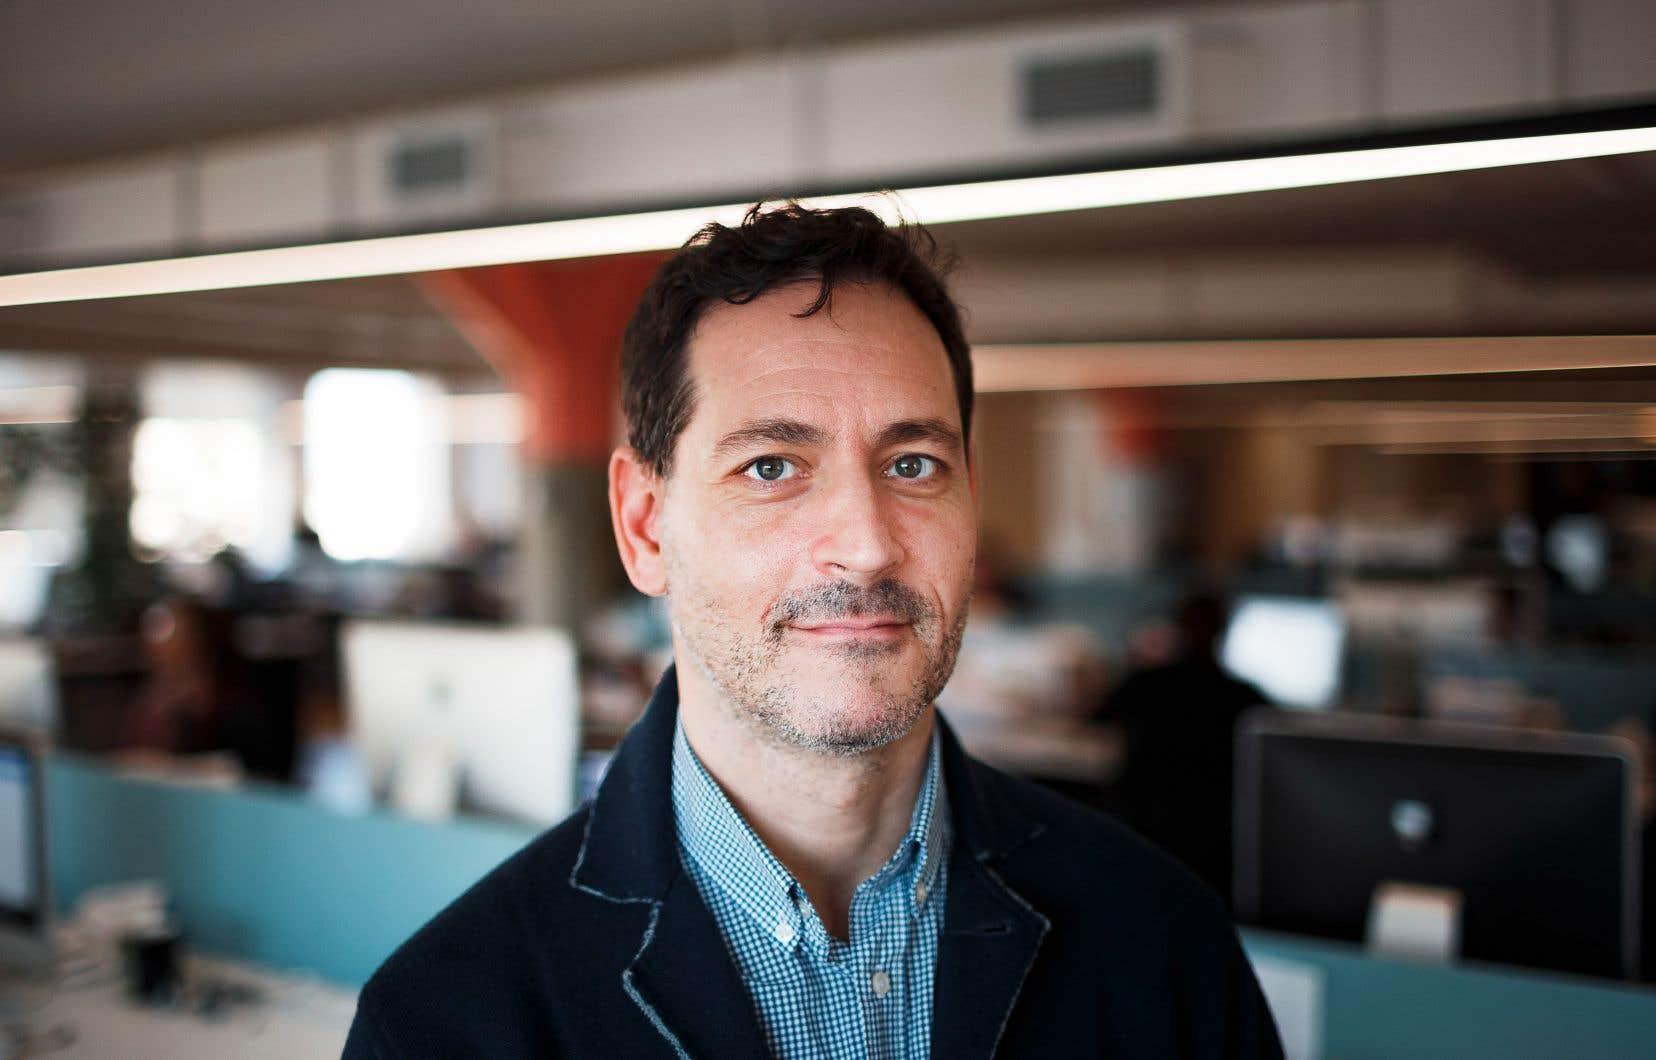 Le journaliste, diplômé en politique européenne à Oxford, est né dans l'ouest de Montréal, pas très loin du métro Snowdon et de Westmount.